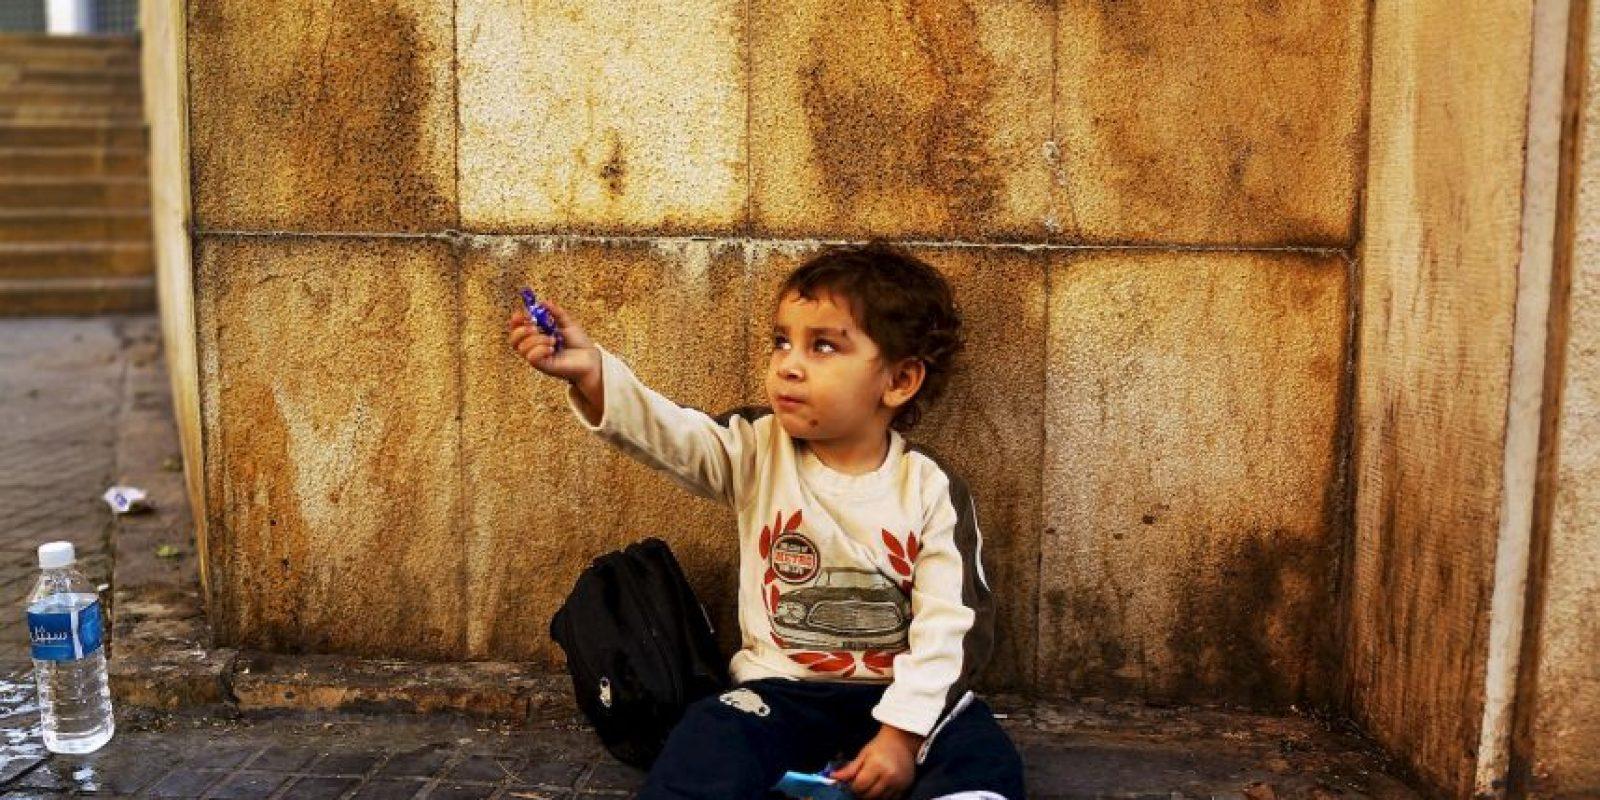 Es posible prevenir el maltrato infantil antes de que se produzca, y para ello es necesario un enfoque multisectorial. Foto:Getty Images